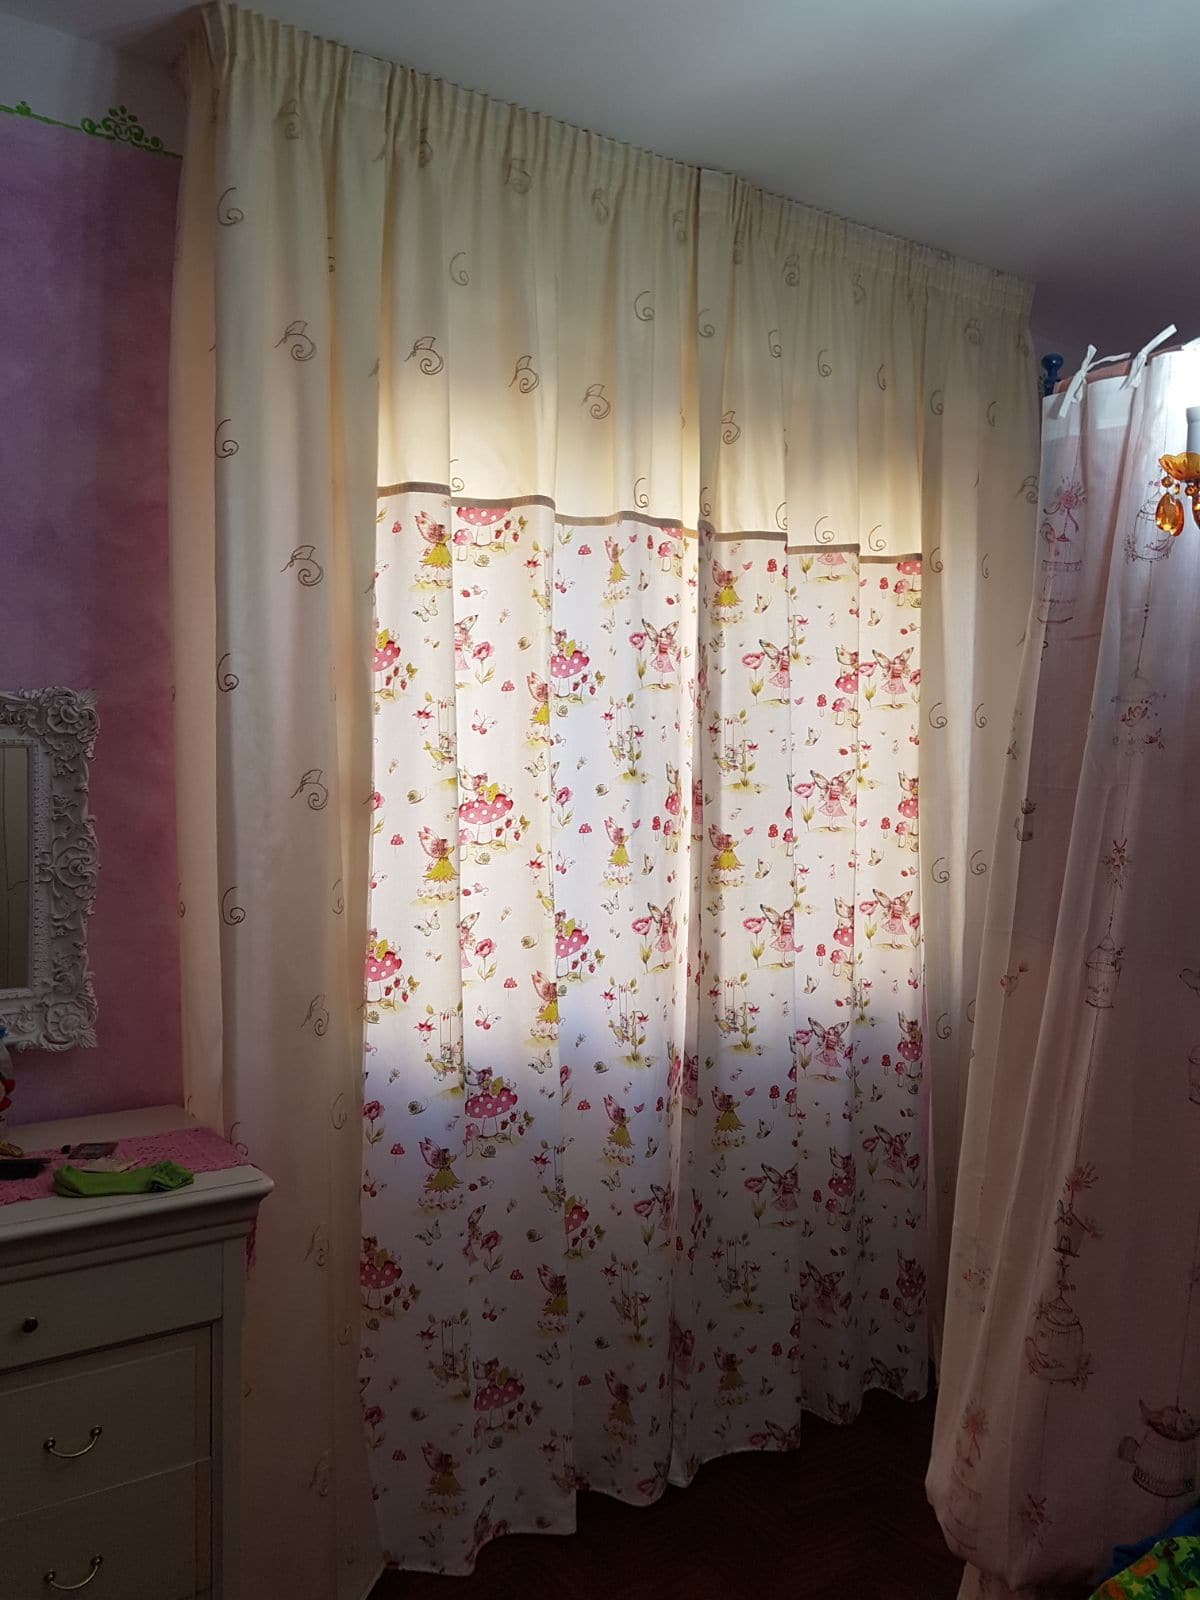 Atelier 17 shabby chic cm 140 x 290 h. Tende Shabby Chic E Country Chic Spiegazioni Consigli E Foto Gani